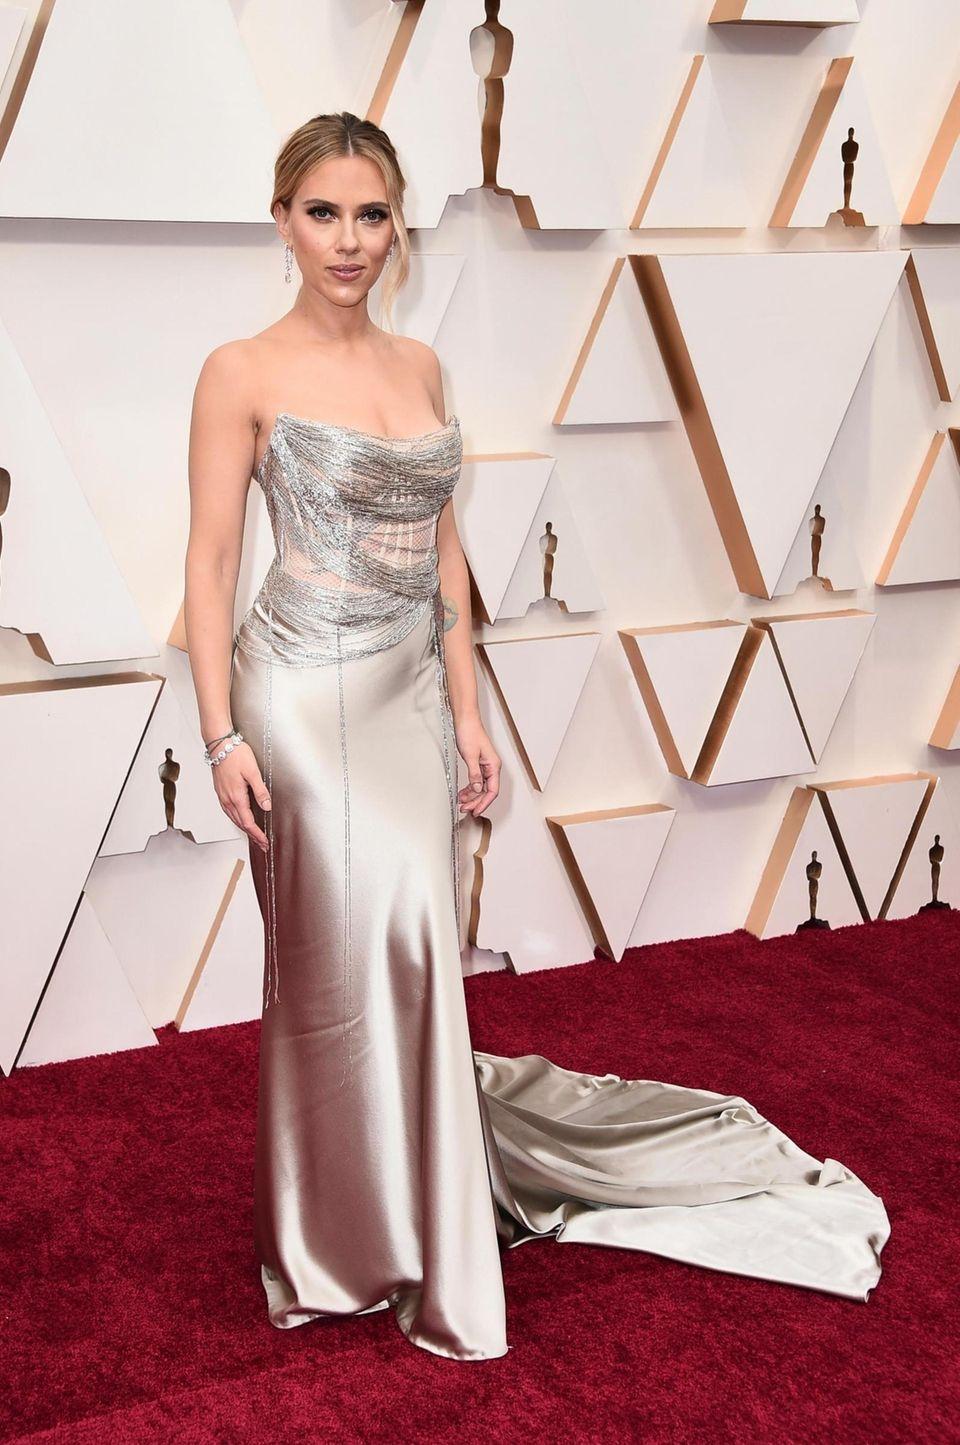 Scarlett Johansson arrives at the Oscars on Sunday,